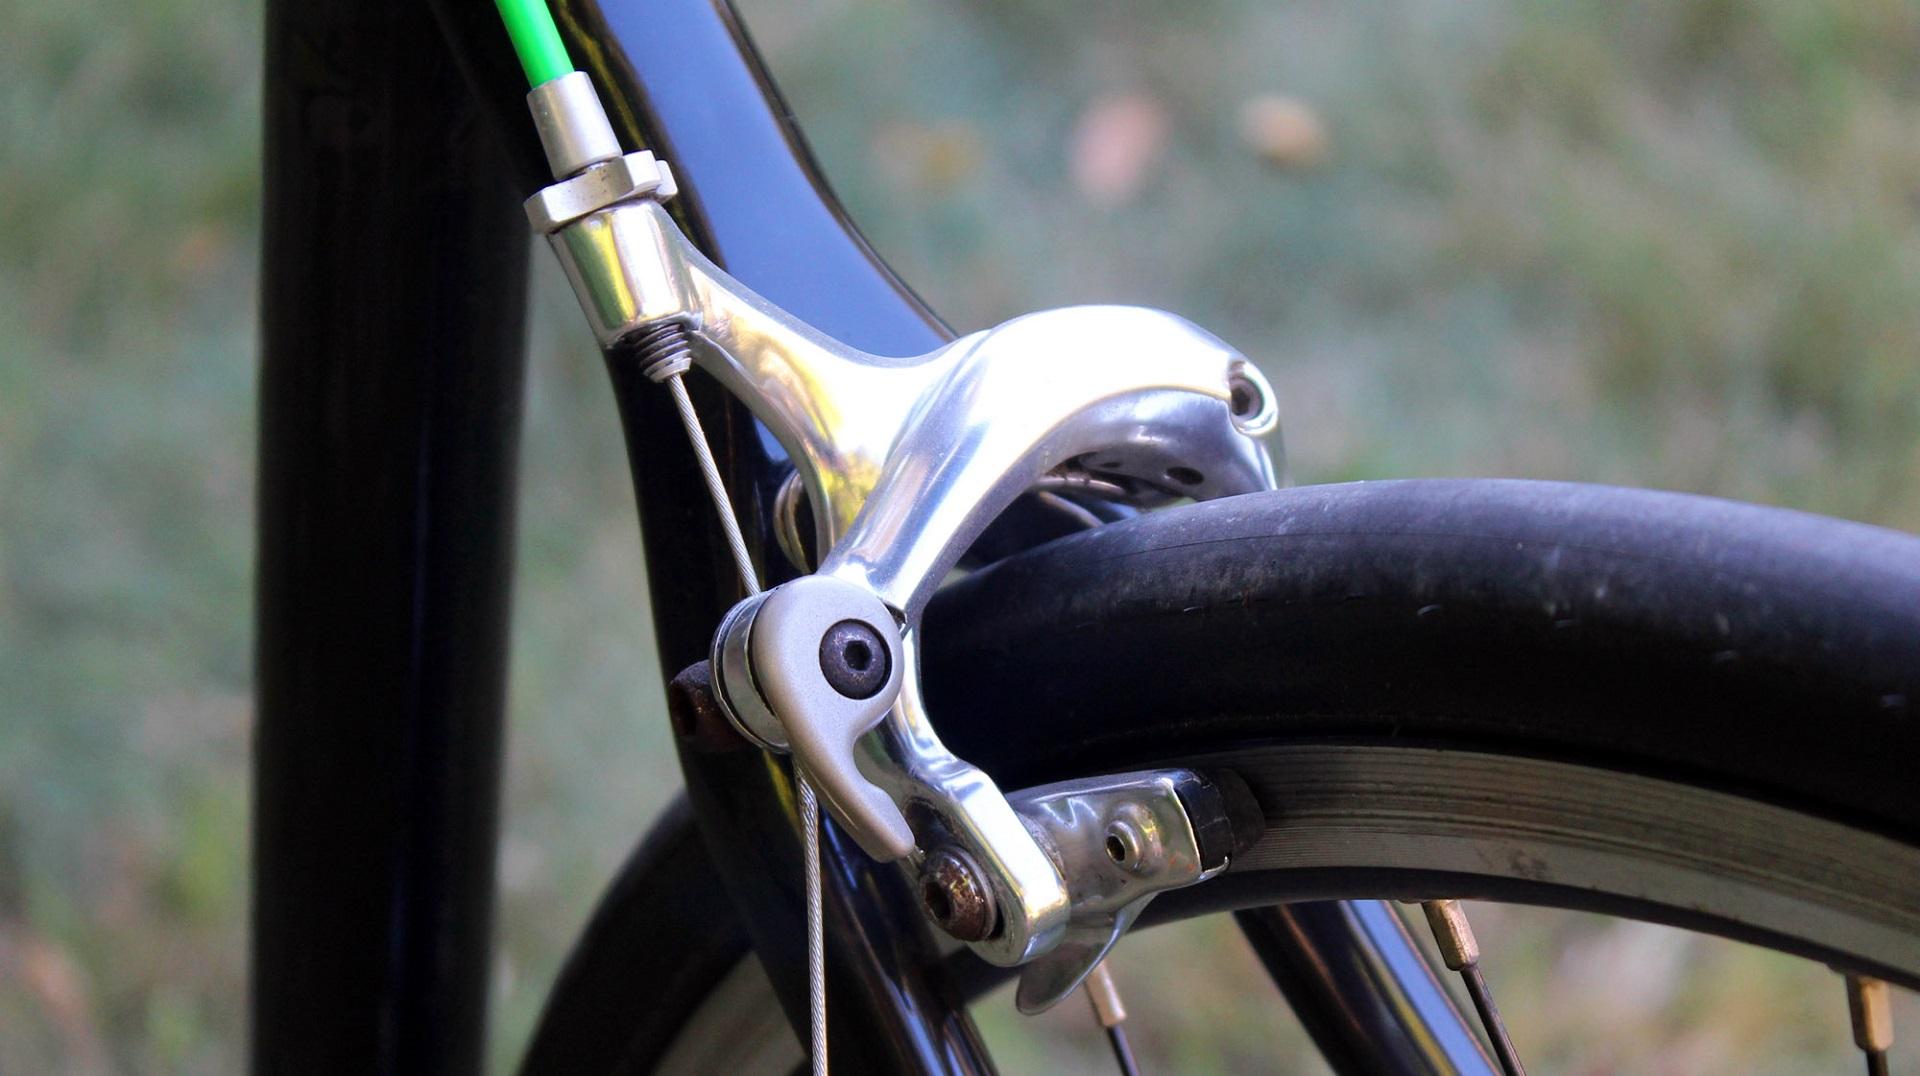 Llega la primera bici impresa en 3D con fibra de carbono